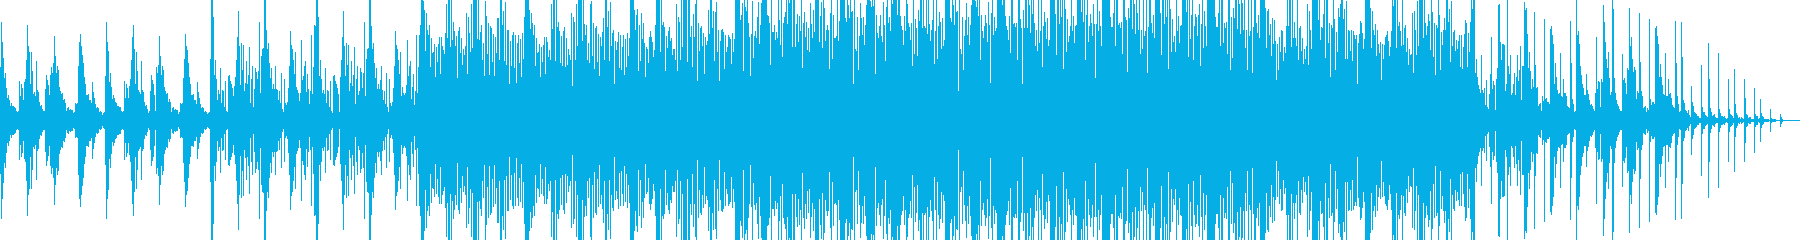 幻想的な雰囲気の切ないエレクトロニカの再生済みの波形